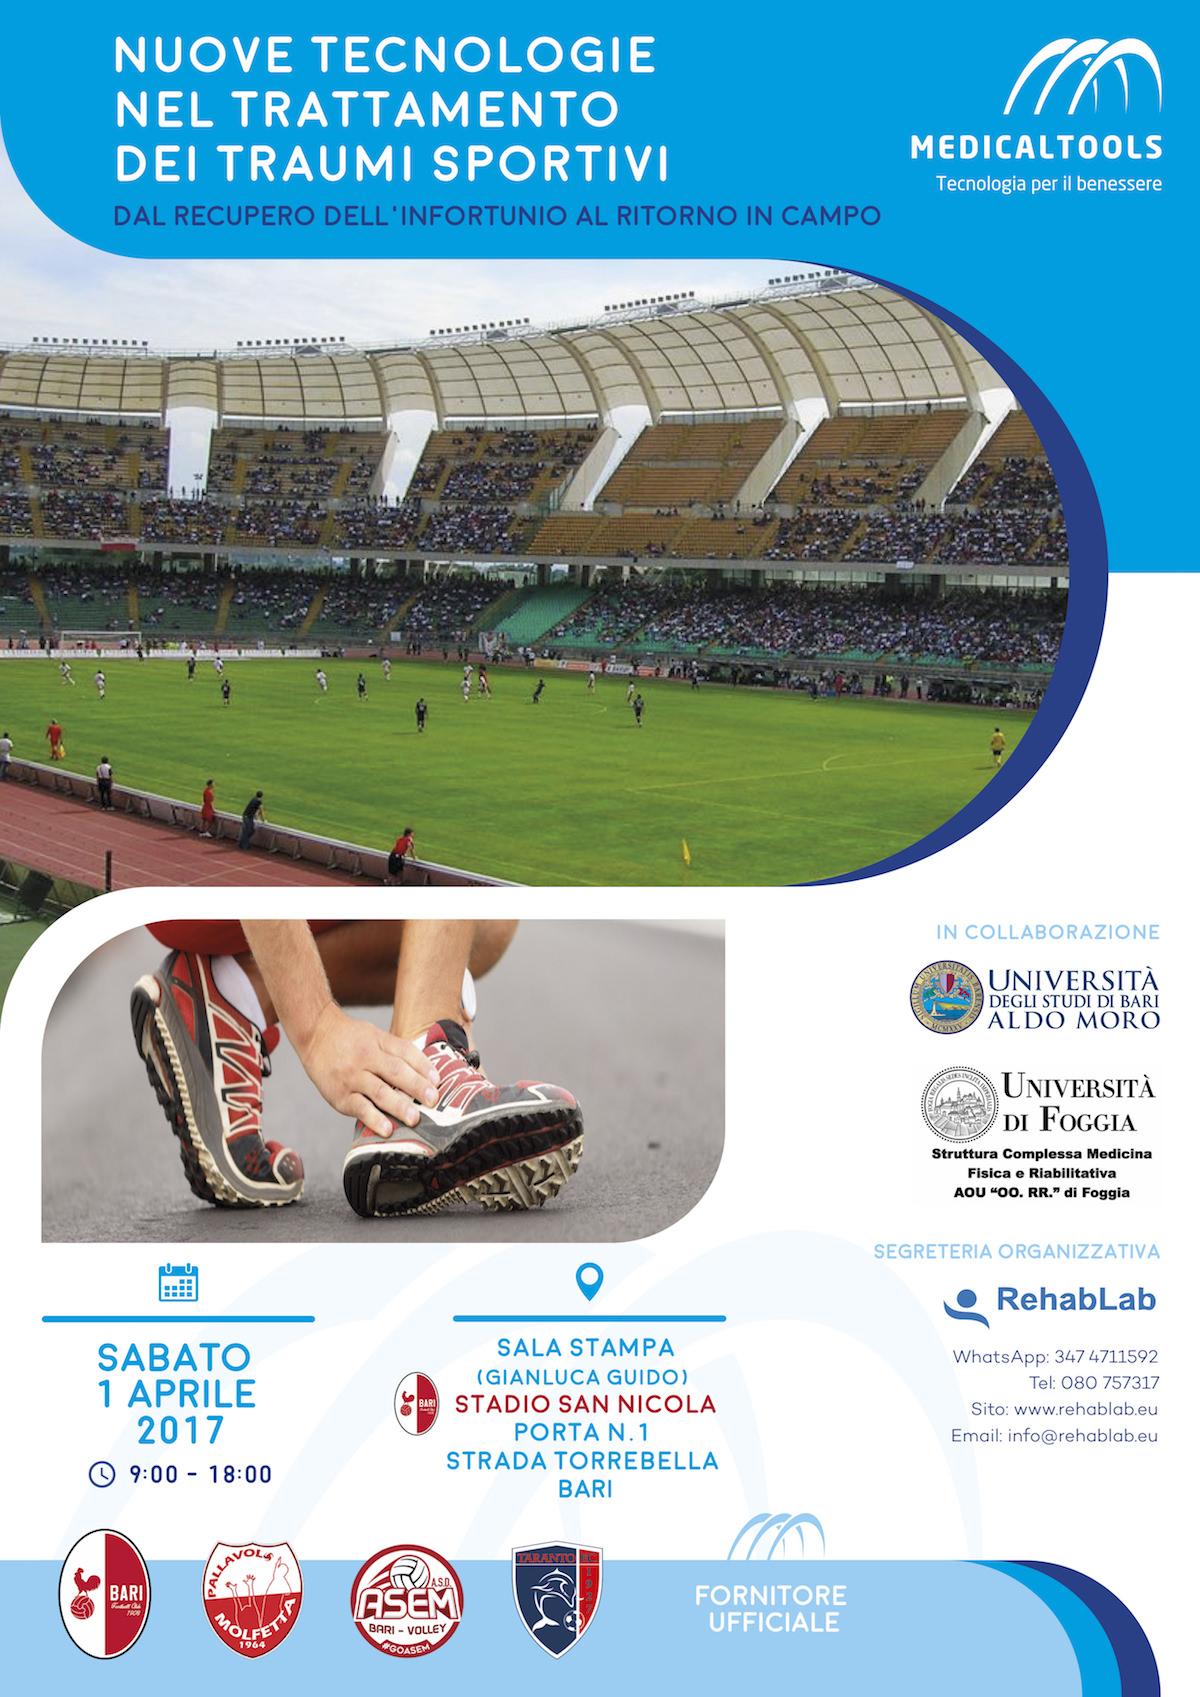 corso-nuove-tecnologie-nel-trattamento-dei-traumi-sportivi-bari-stadio-san-nicola-2017-locdef